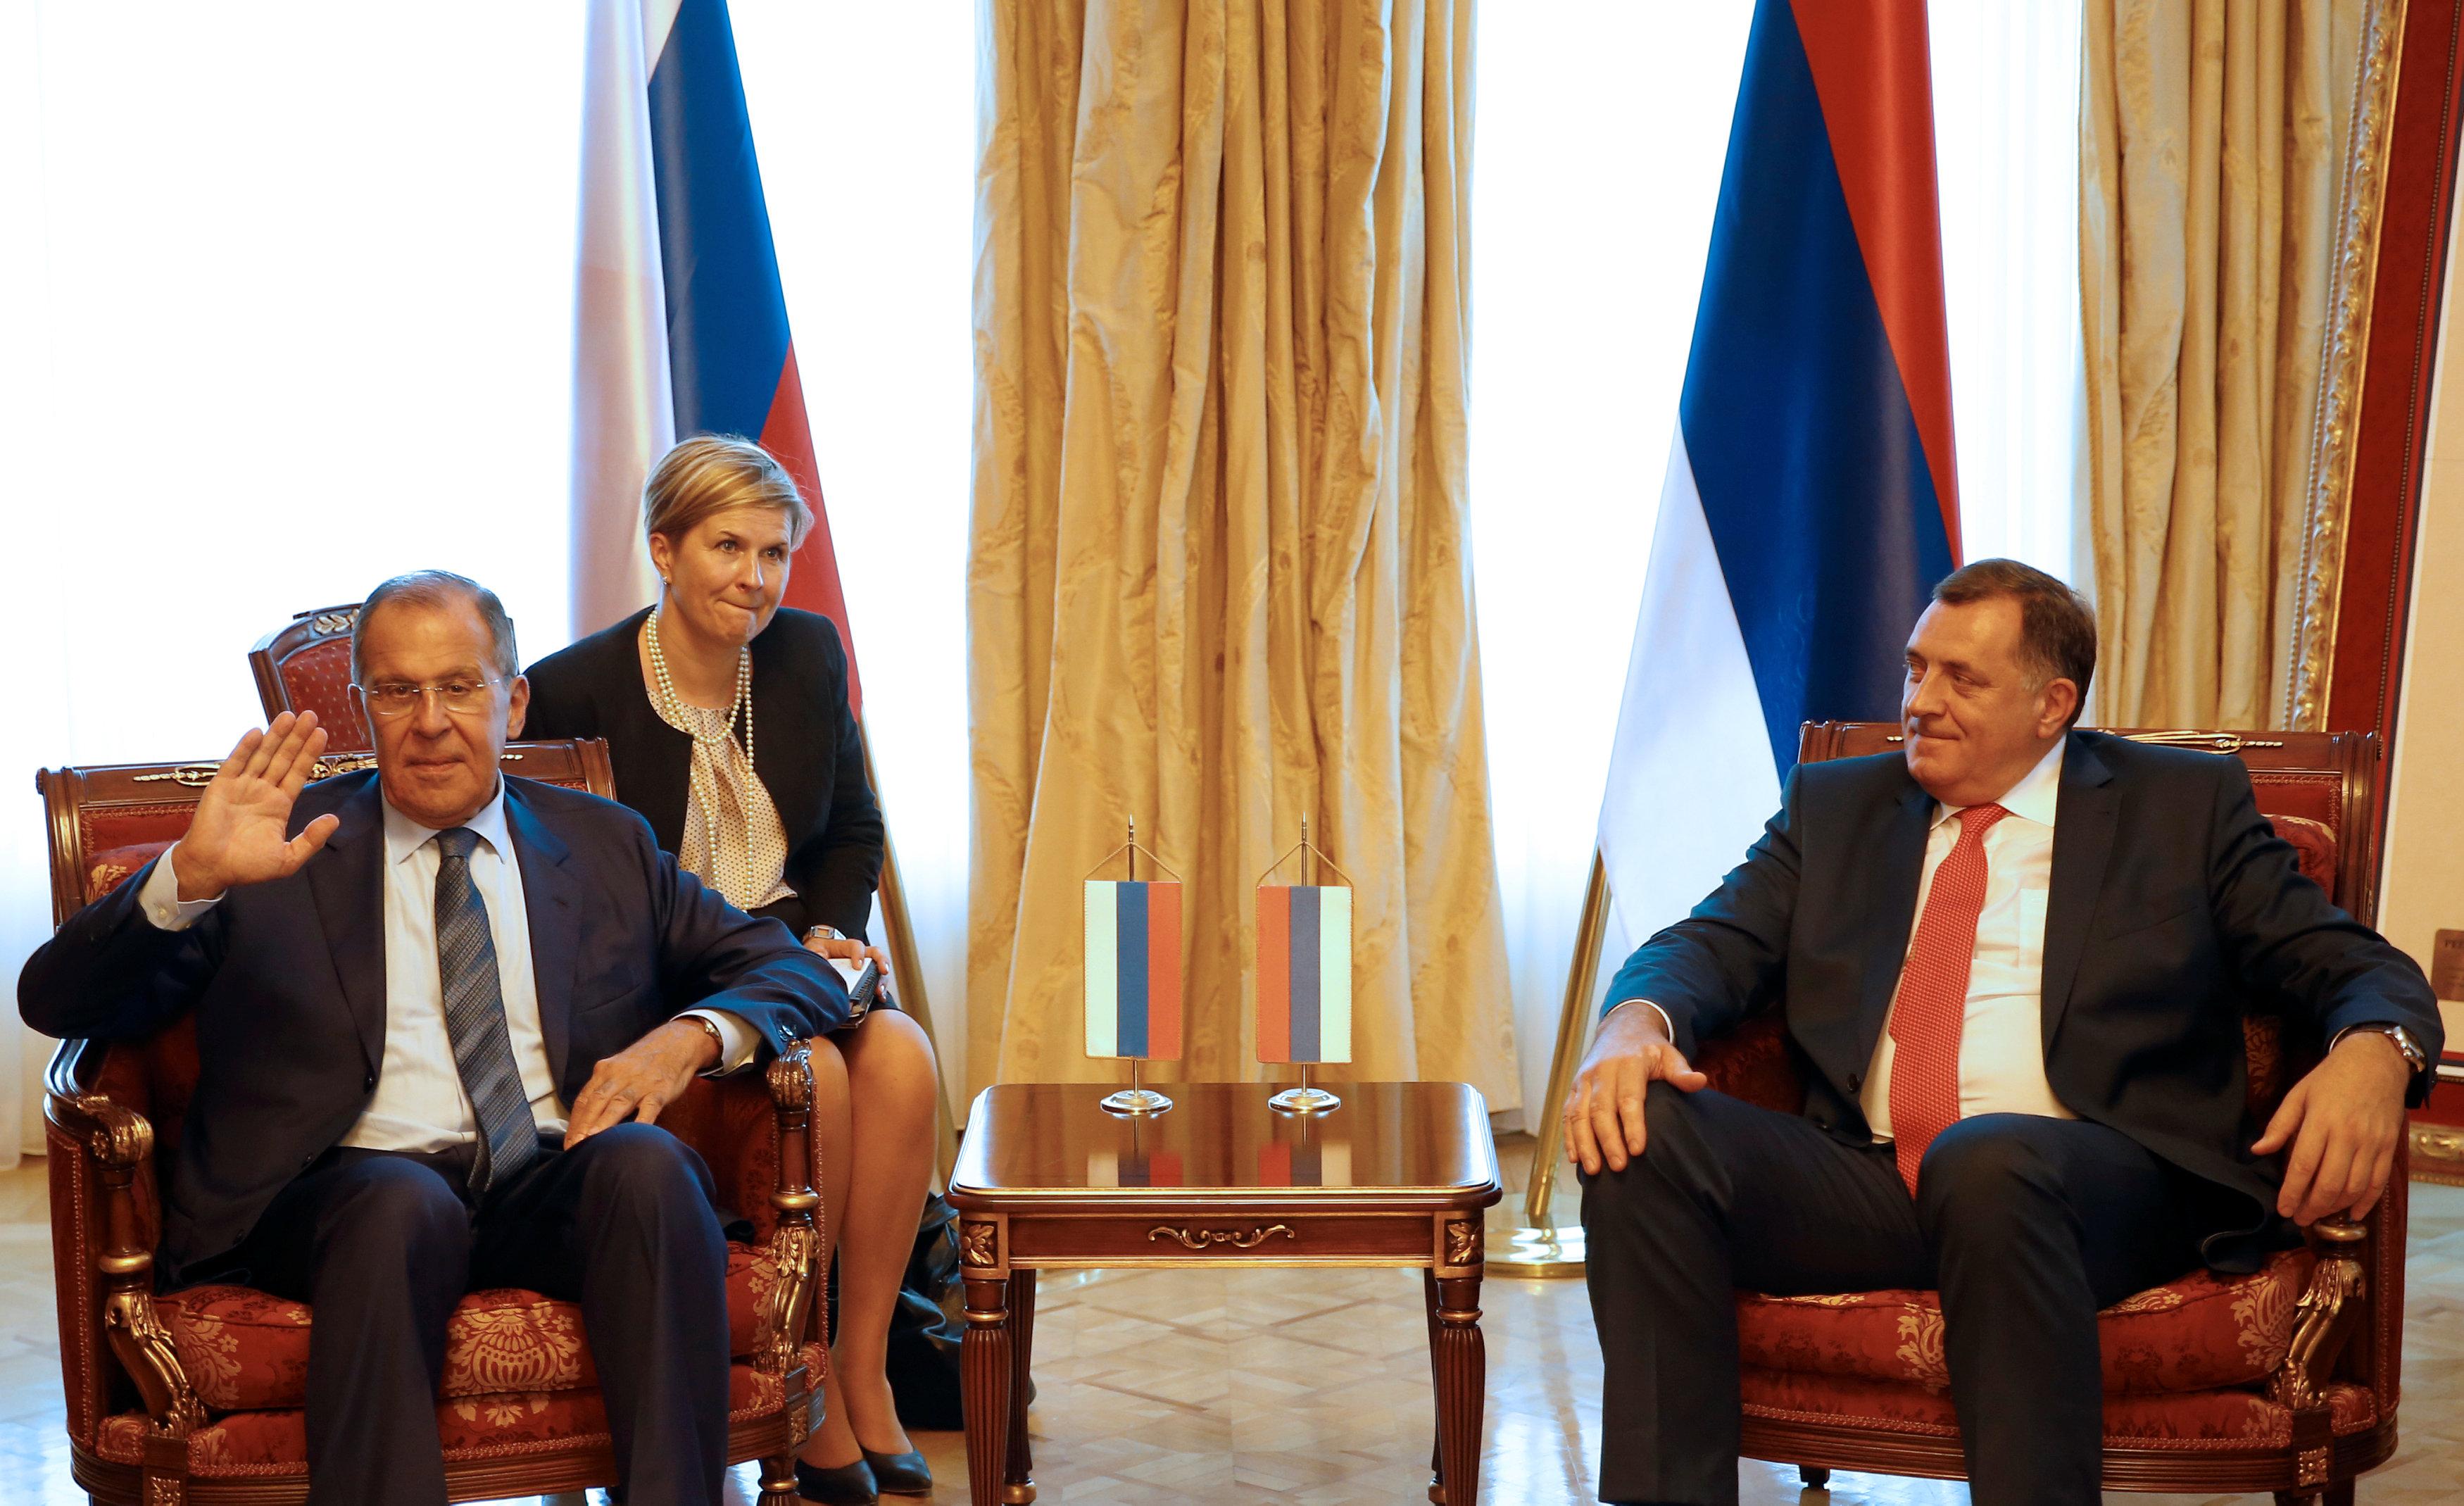 وزير الخارجية الروسى وميلوراد دوديك رئيس جمهورية البوسنة، يحضران اجتماعا فى بانيا لوكا بالبوسنة والهرسك